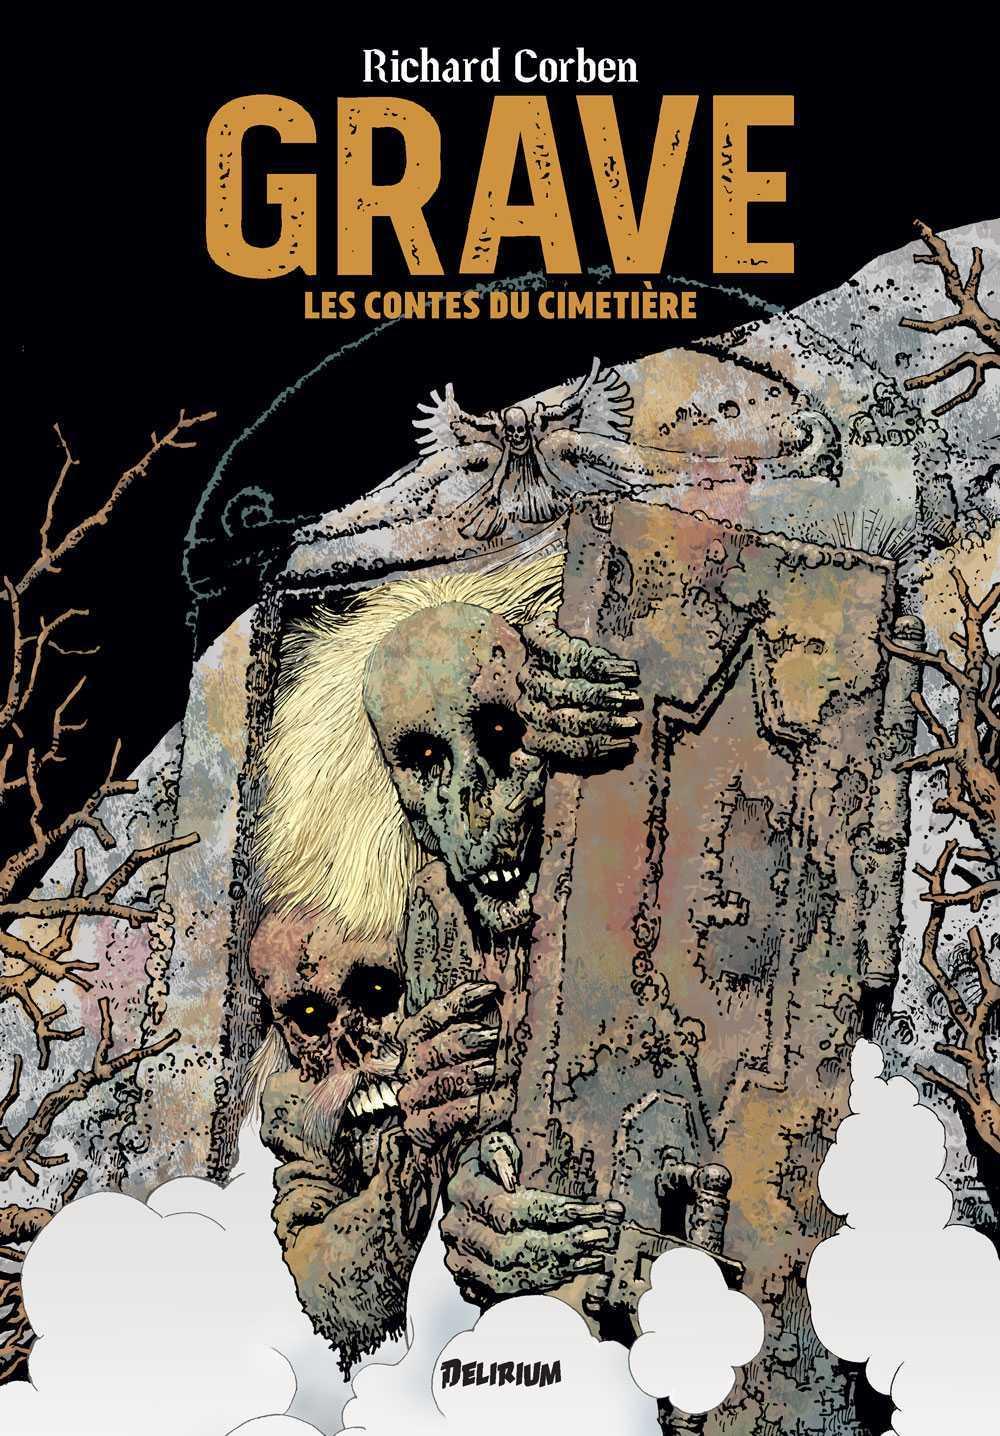 Grave et Denaeus, l'épouvantable Richard Corben